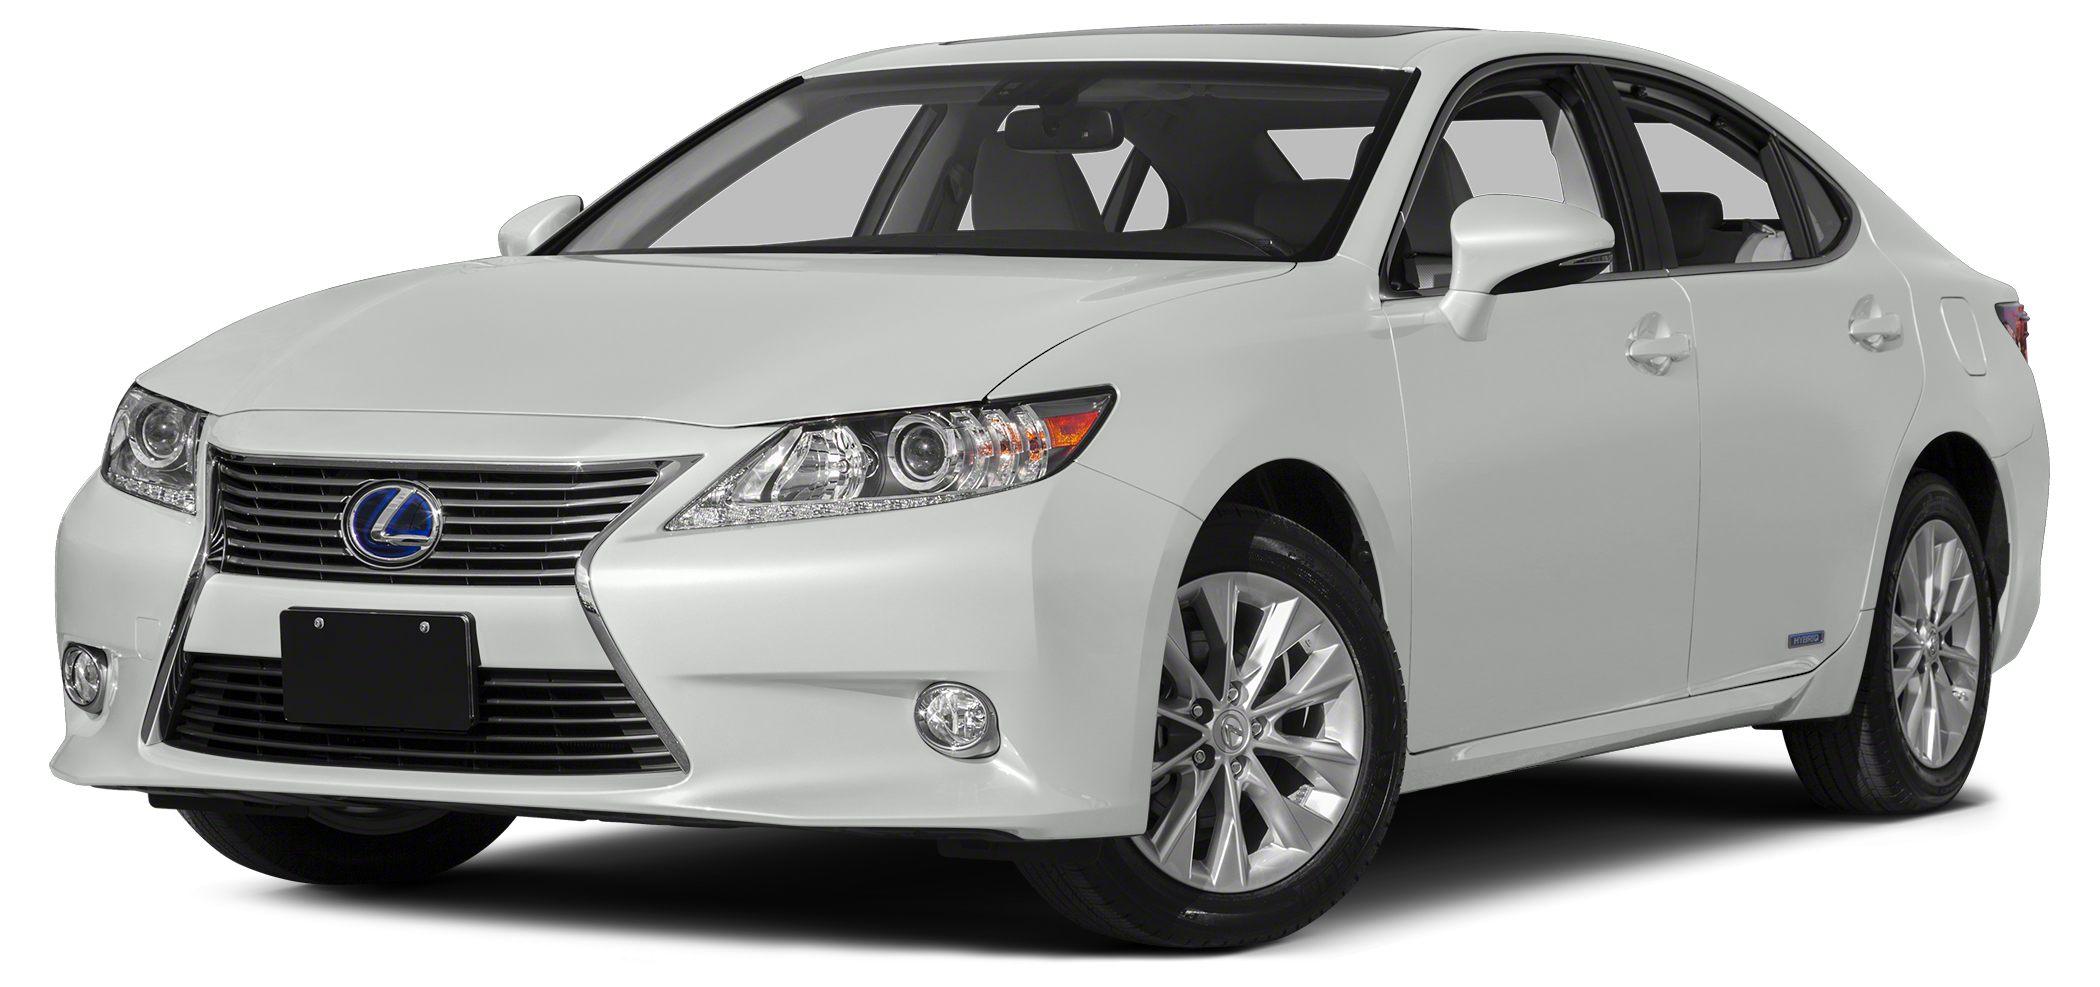 2015 Lexus ES 300h Base This 2015 Lexus ES 300h 4dr 4dr Sedan Hybrid features a 25L DUAL CAM 4 CY